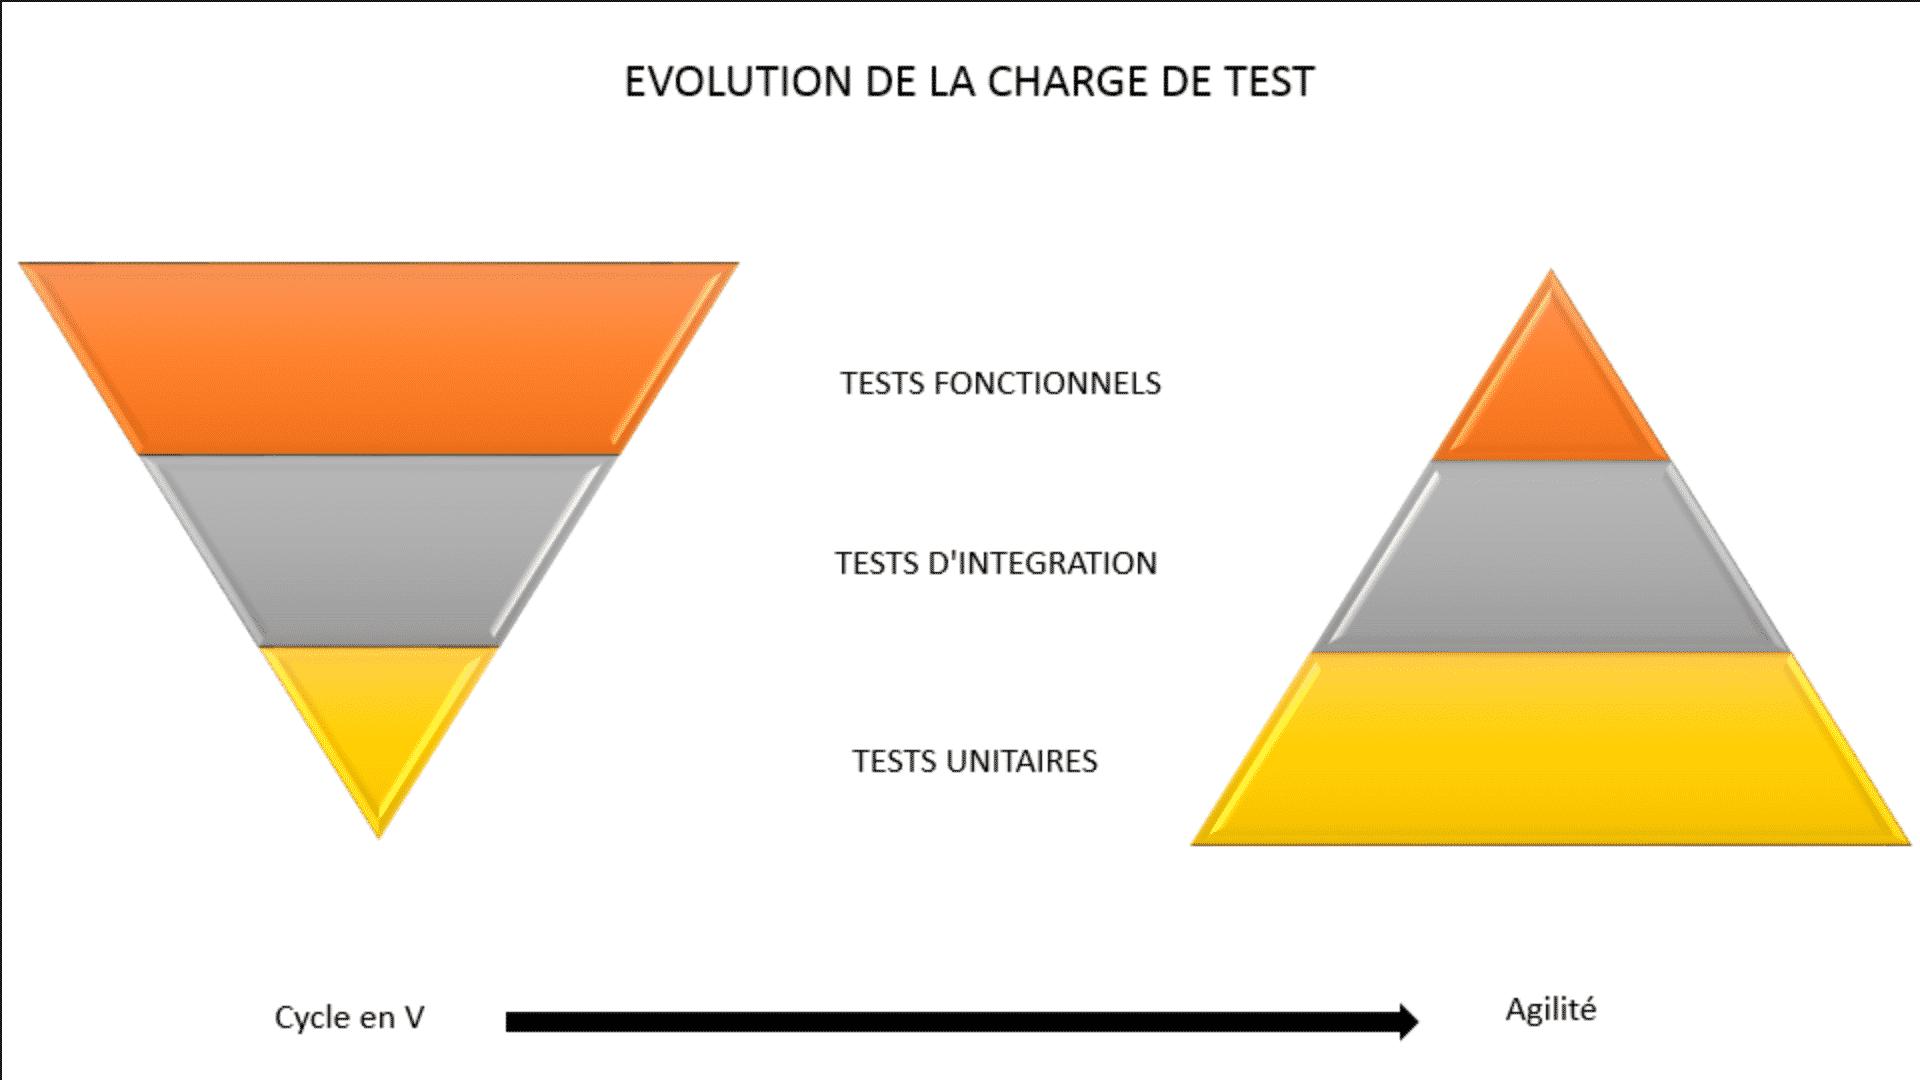 TESTS AGILES // Courbe en V et en A de l'évolution des tests